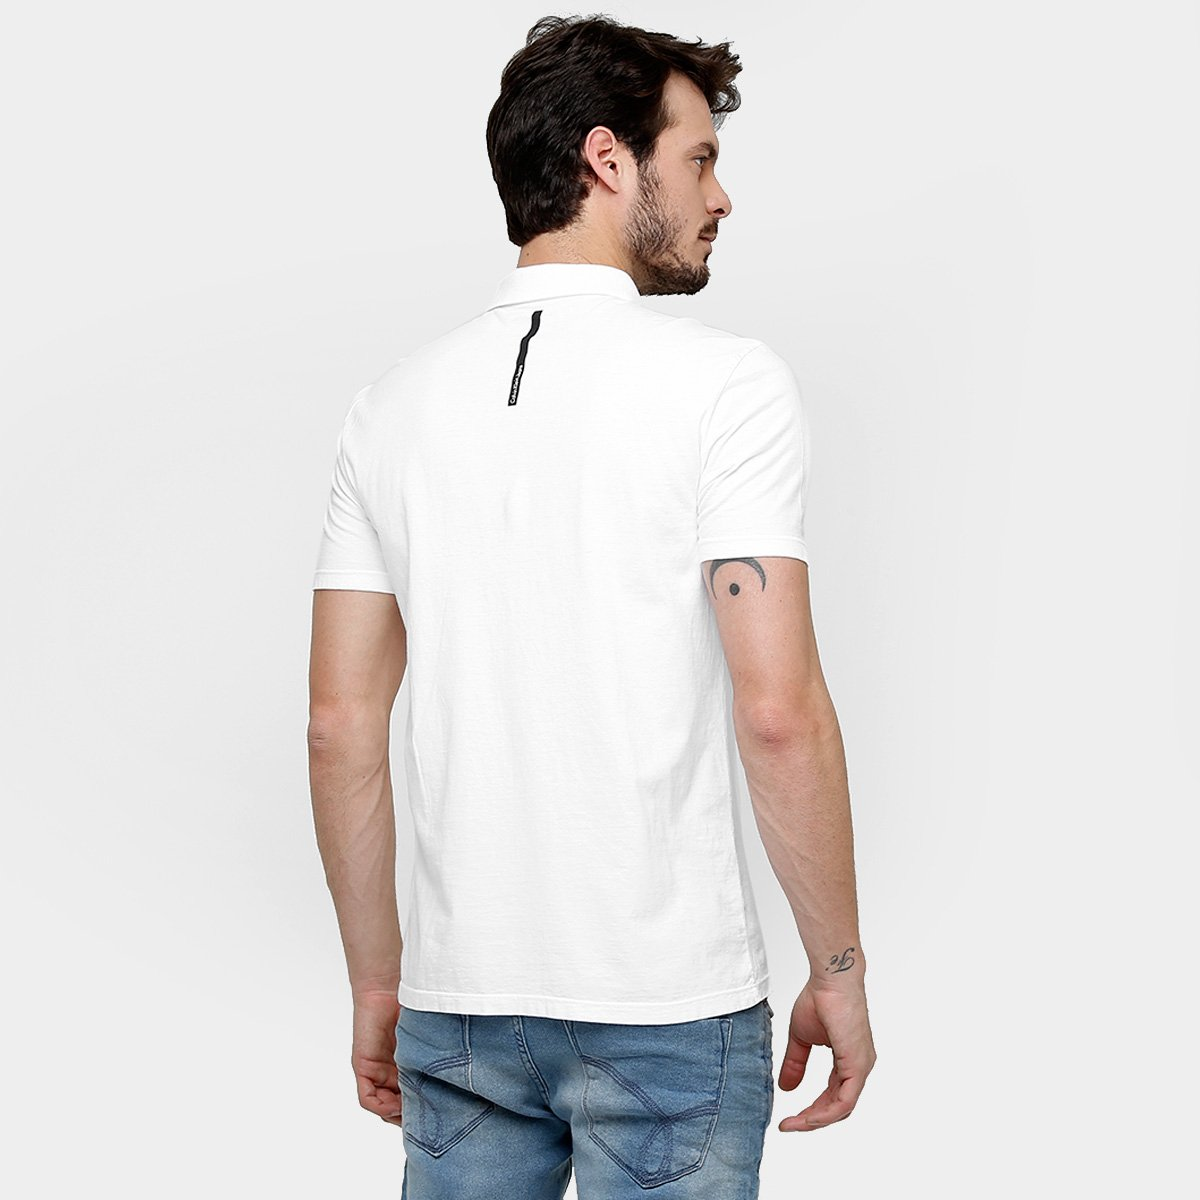 Camisas Polo Calvin Klein Malha - Compre Agora   Netshoes 82d9854ca2